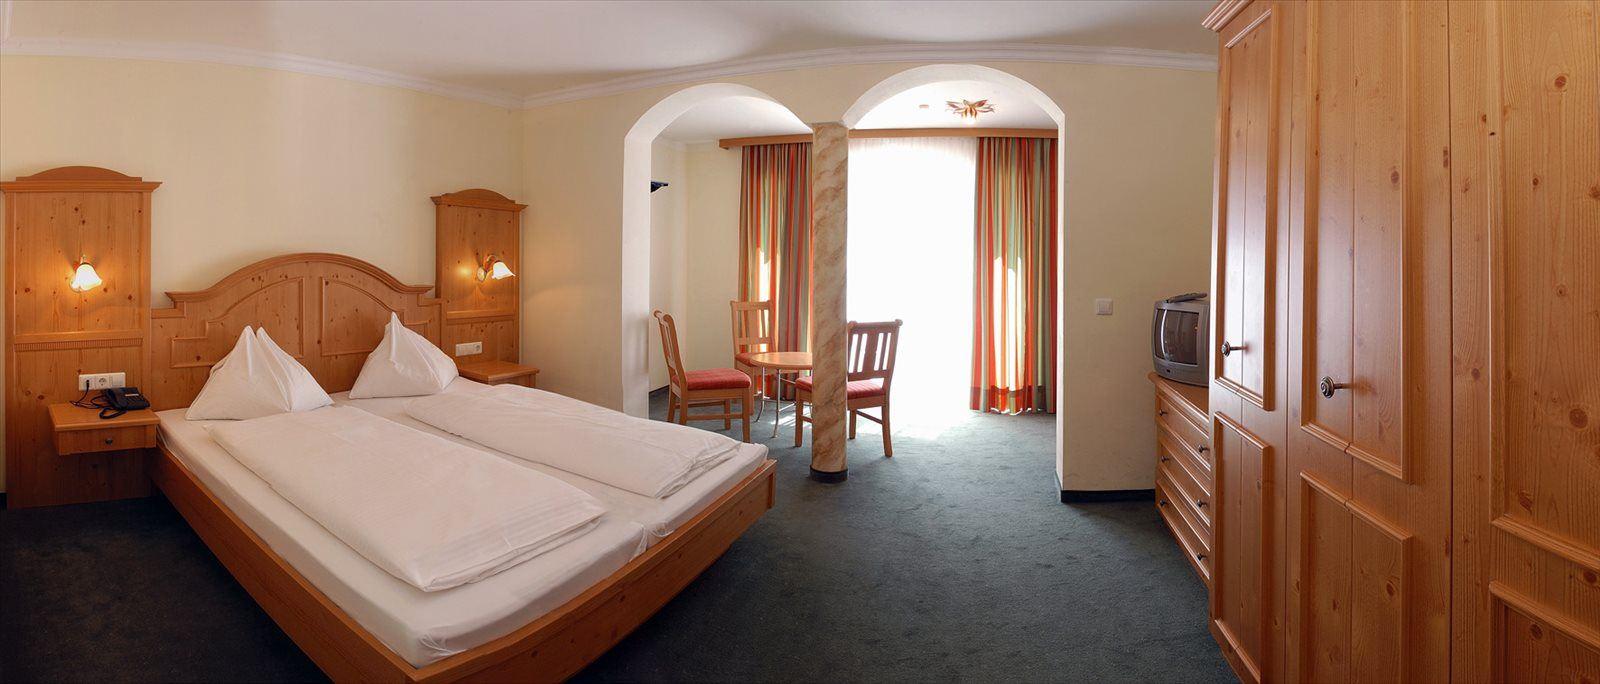 Alpenhotel Tauernkönig - Obertauern